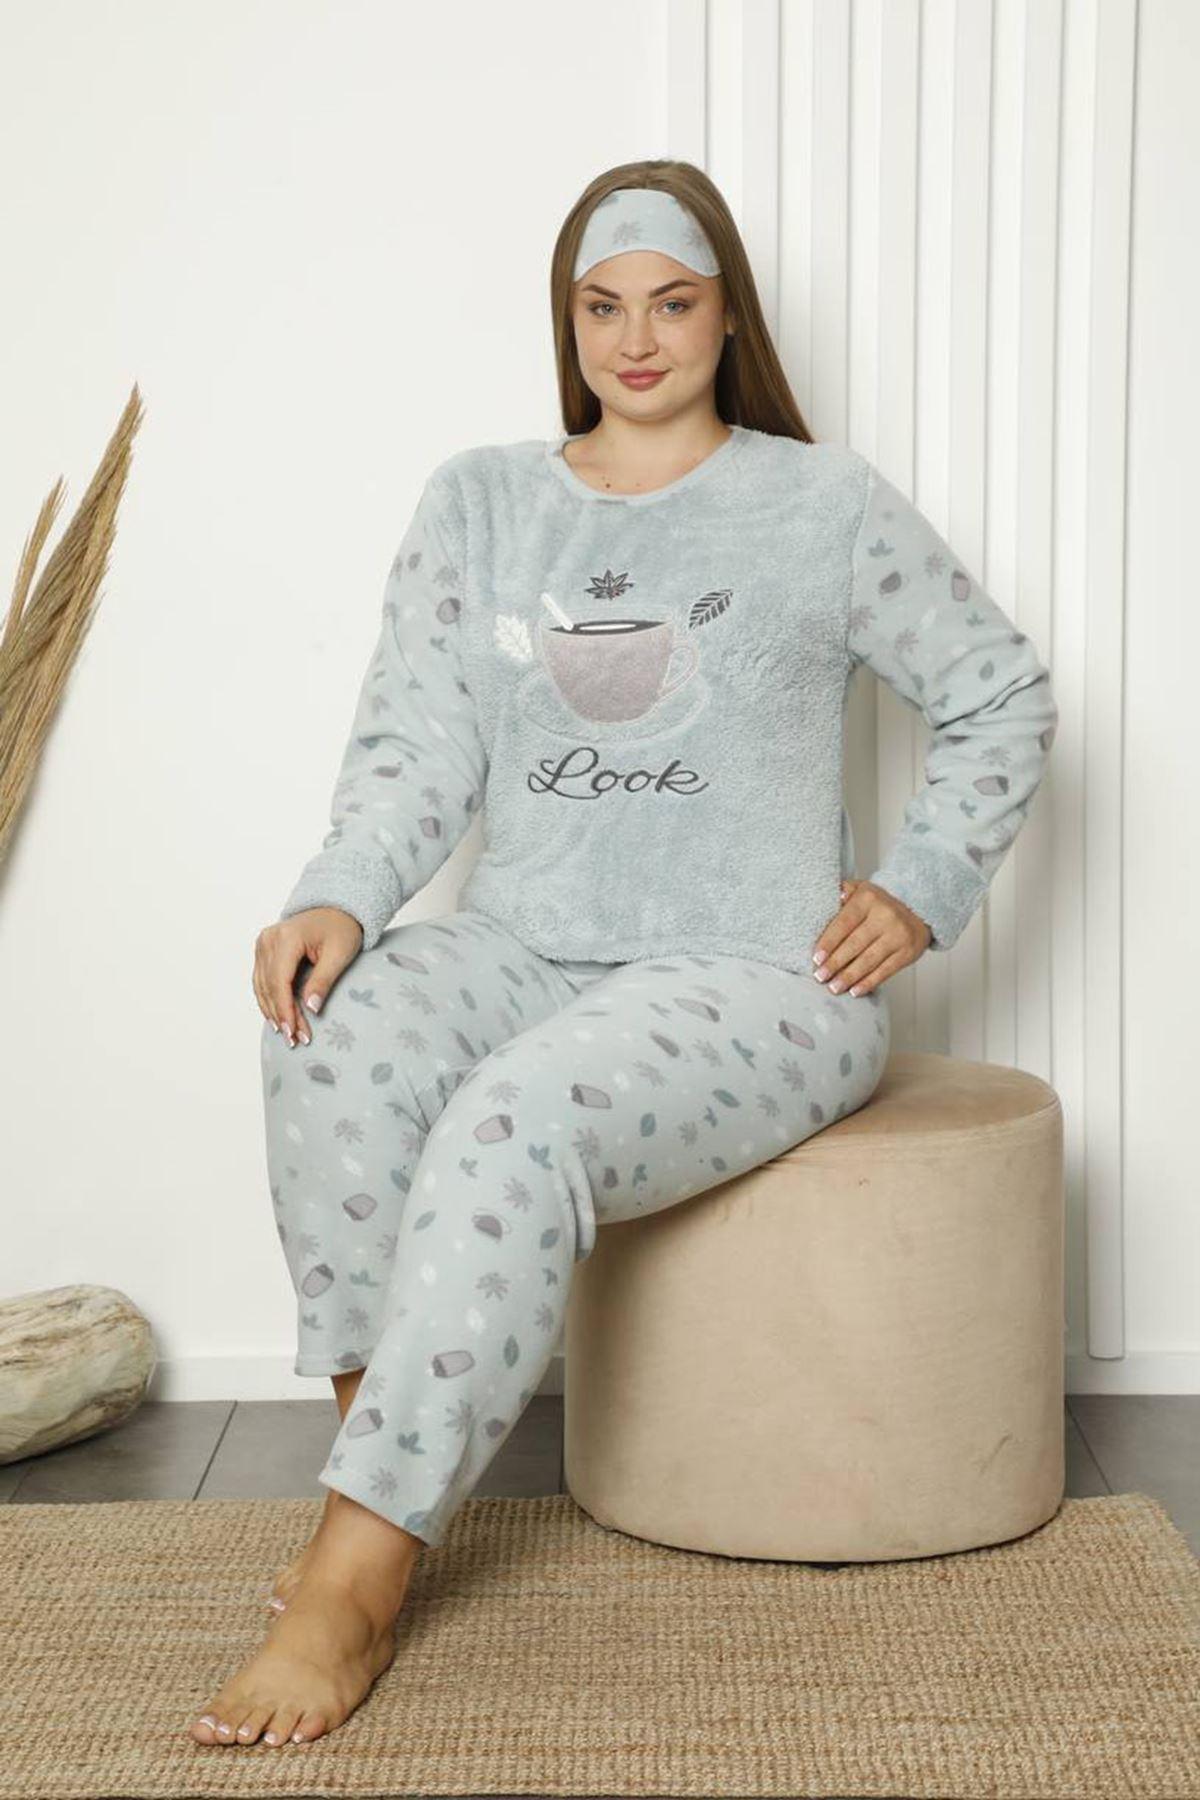 Welsoft Polar Büyük Beden Pijama Takımı 33D-1839